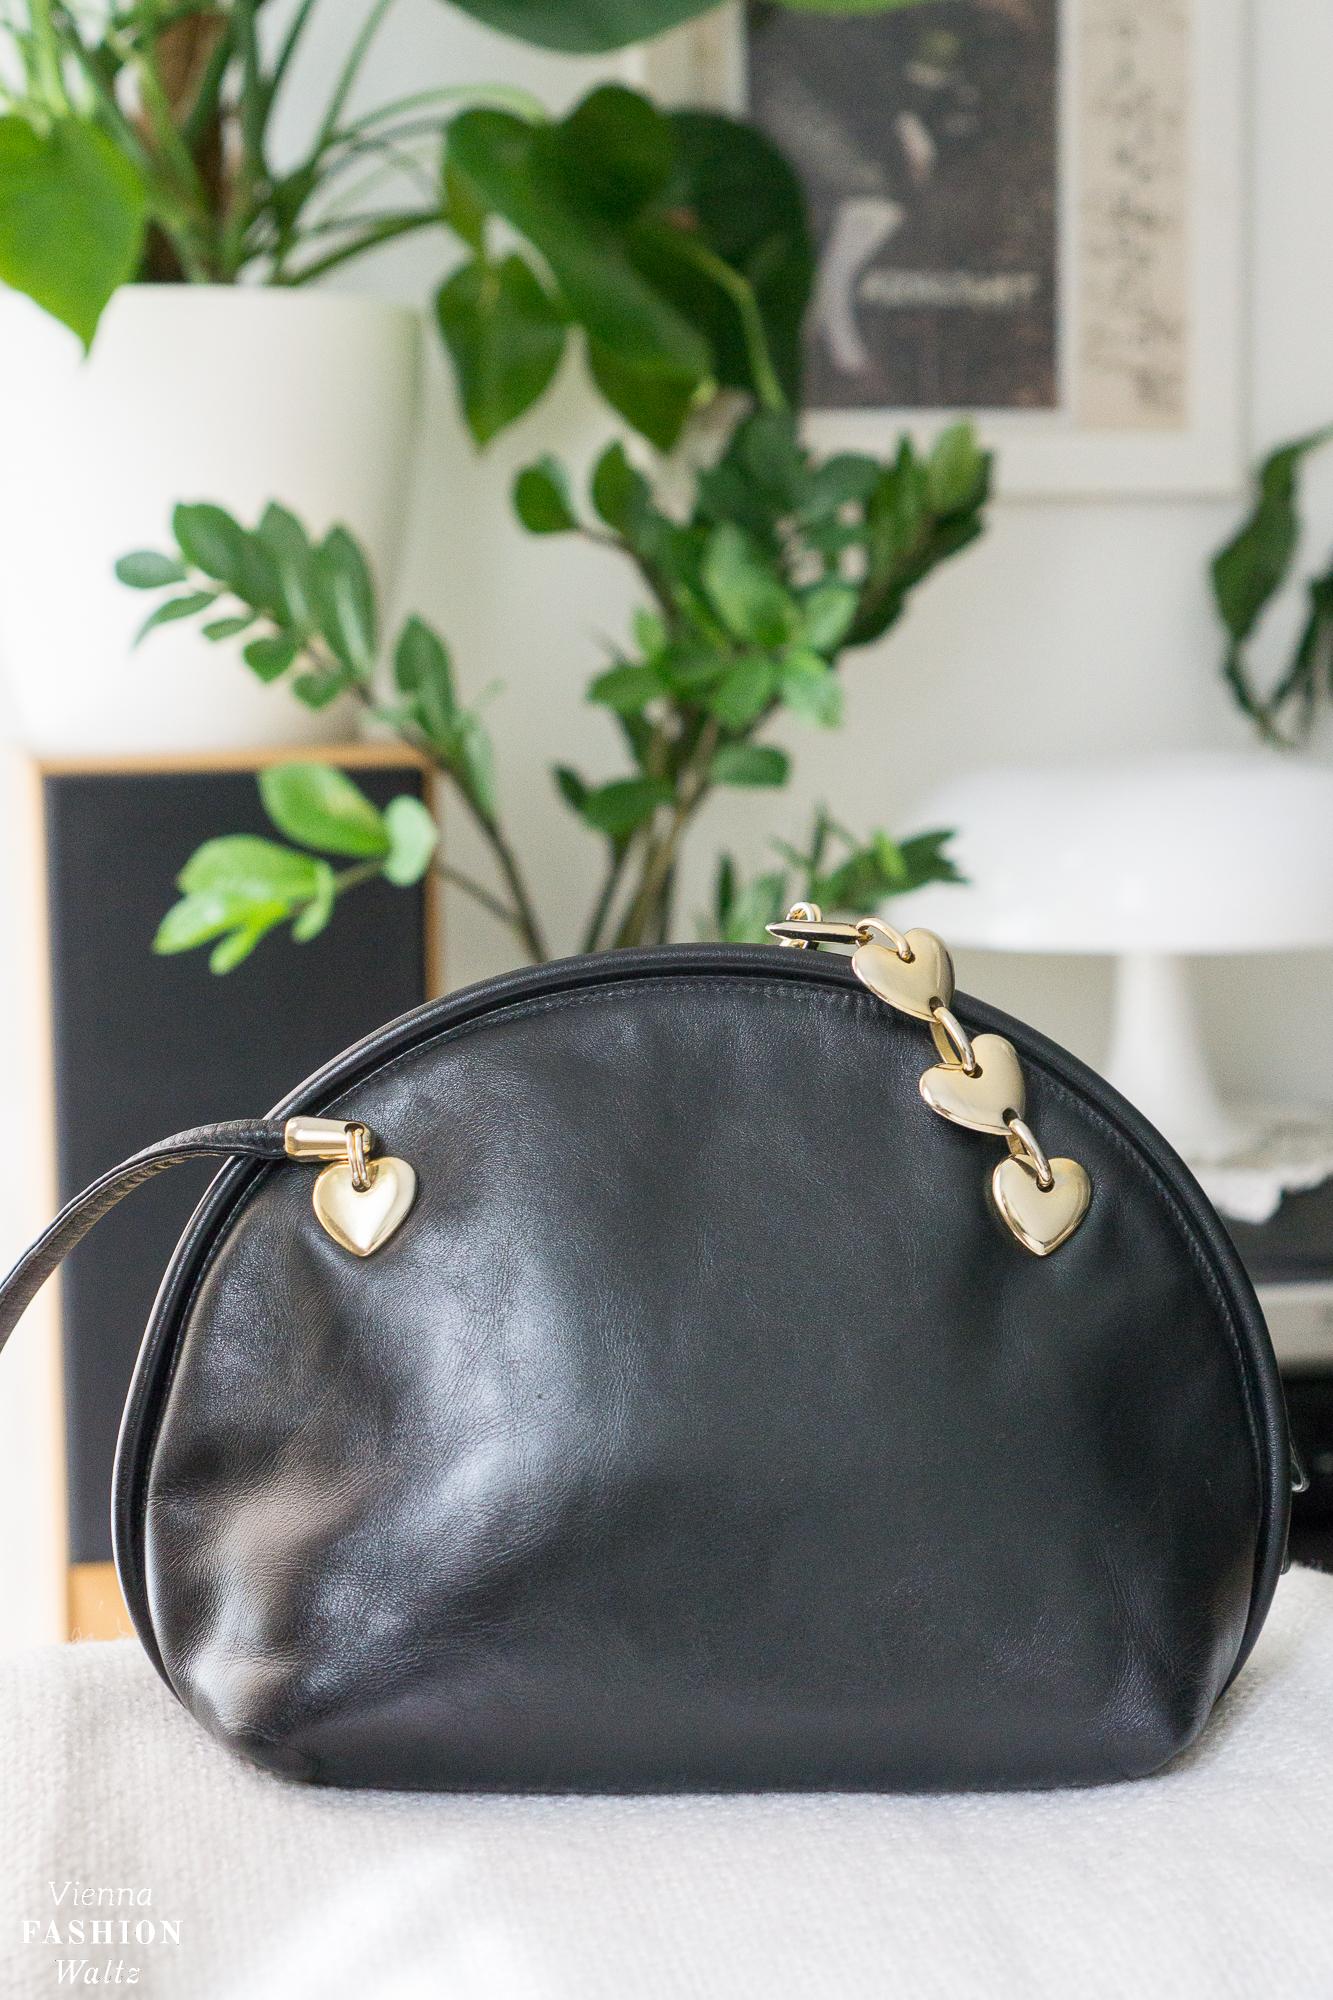 Pflegetipps für Vintage Taschen und was ihr lieber sein lässt, Pflege, Leder, Taschen, Ordnung